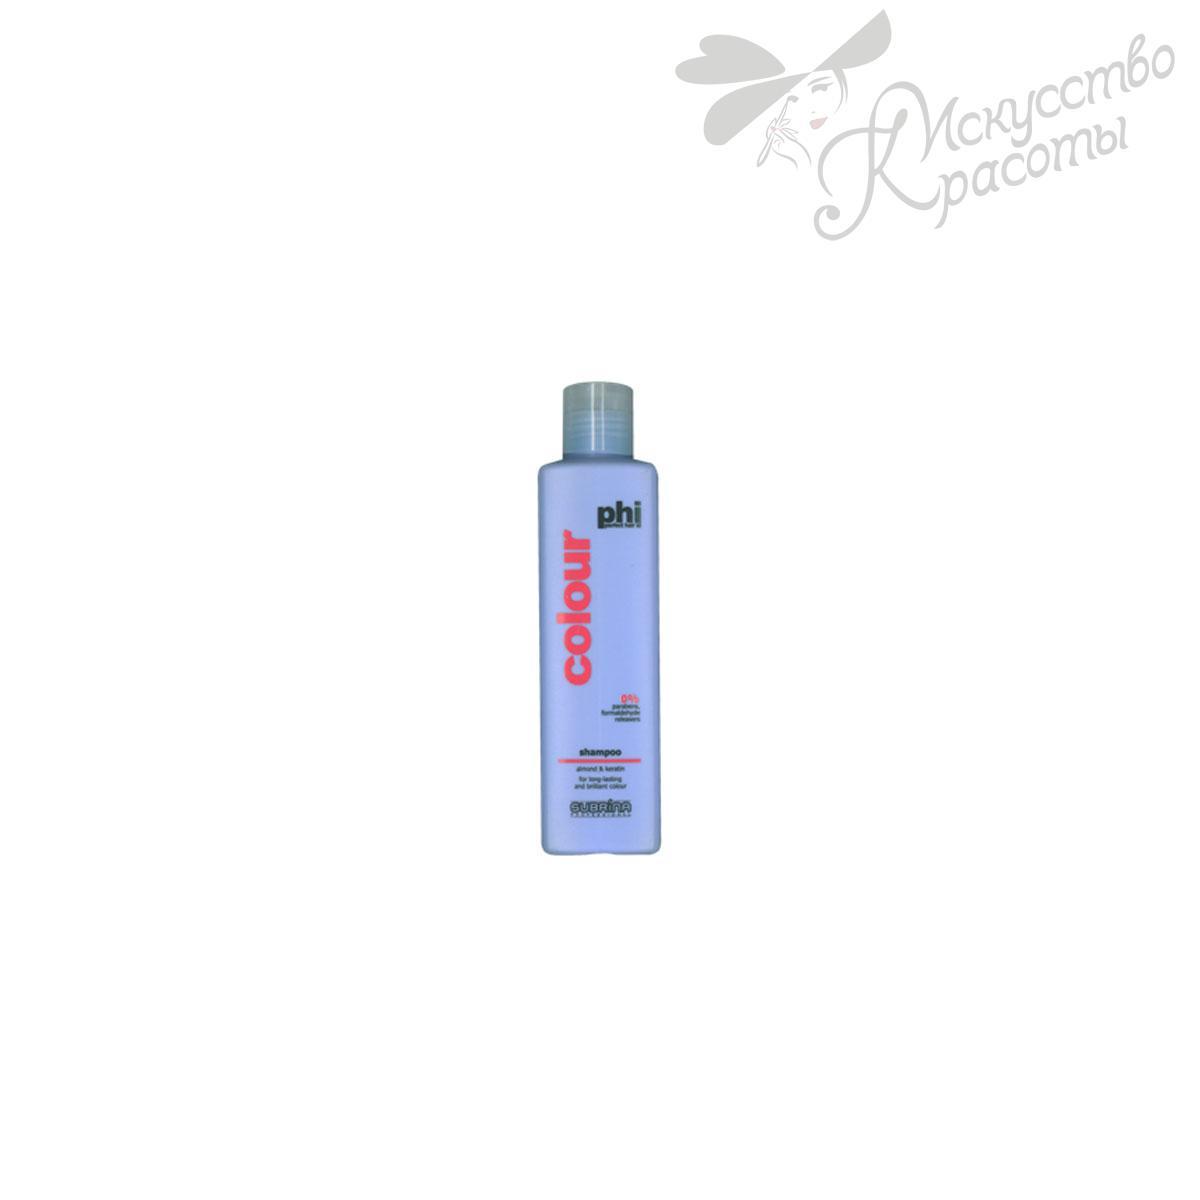 Шампунь для окрашенных волос  Colour PHI Subrina 250 мл